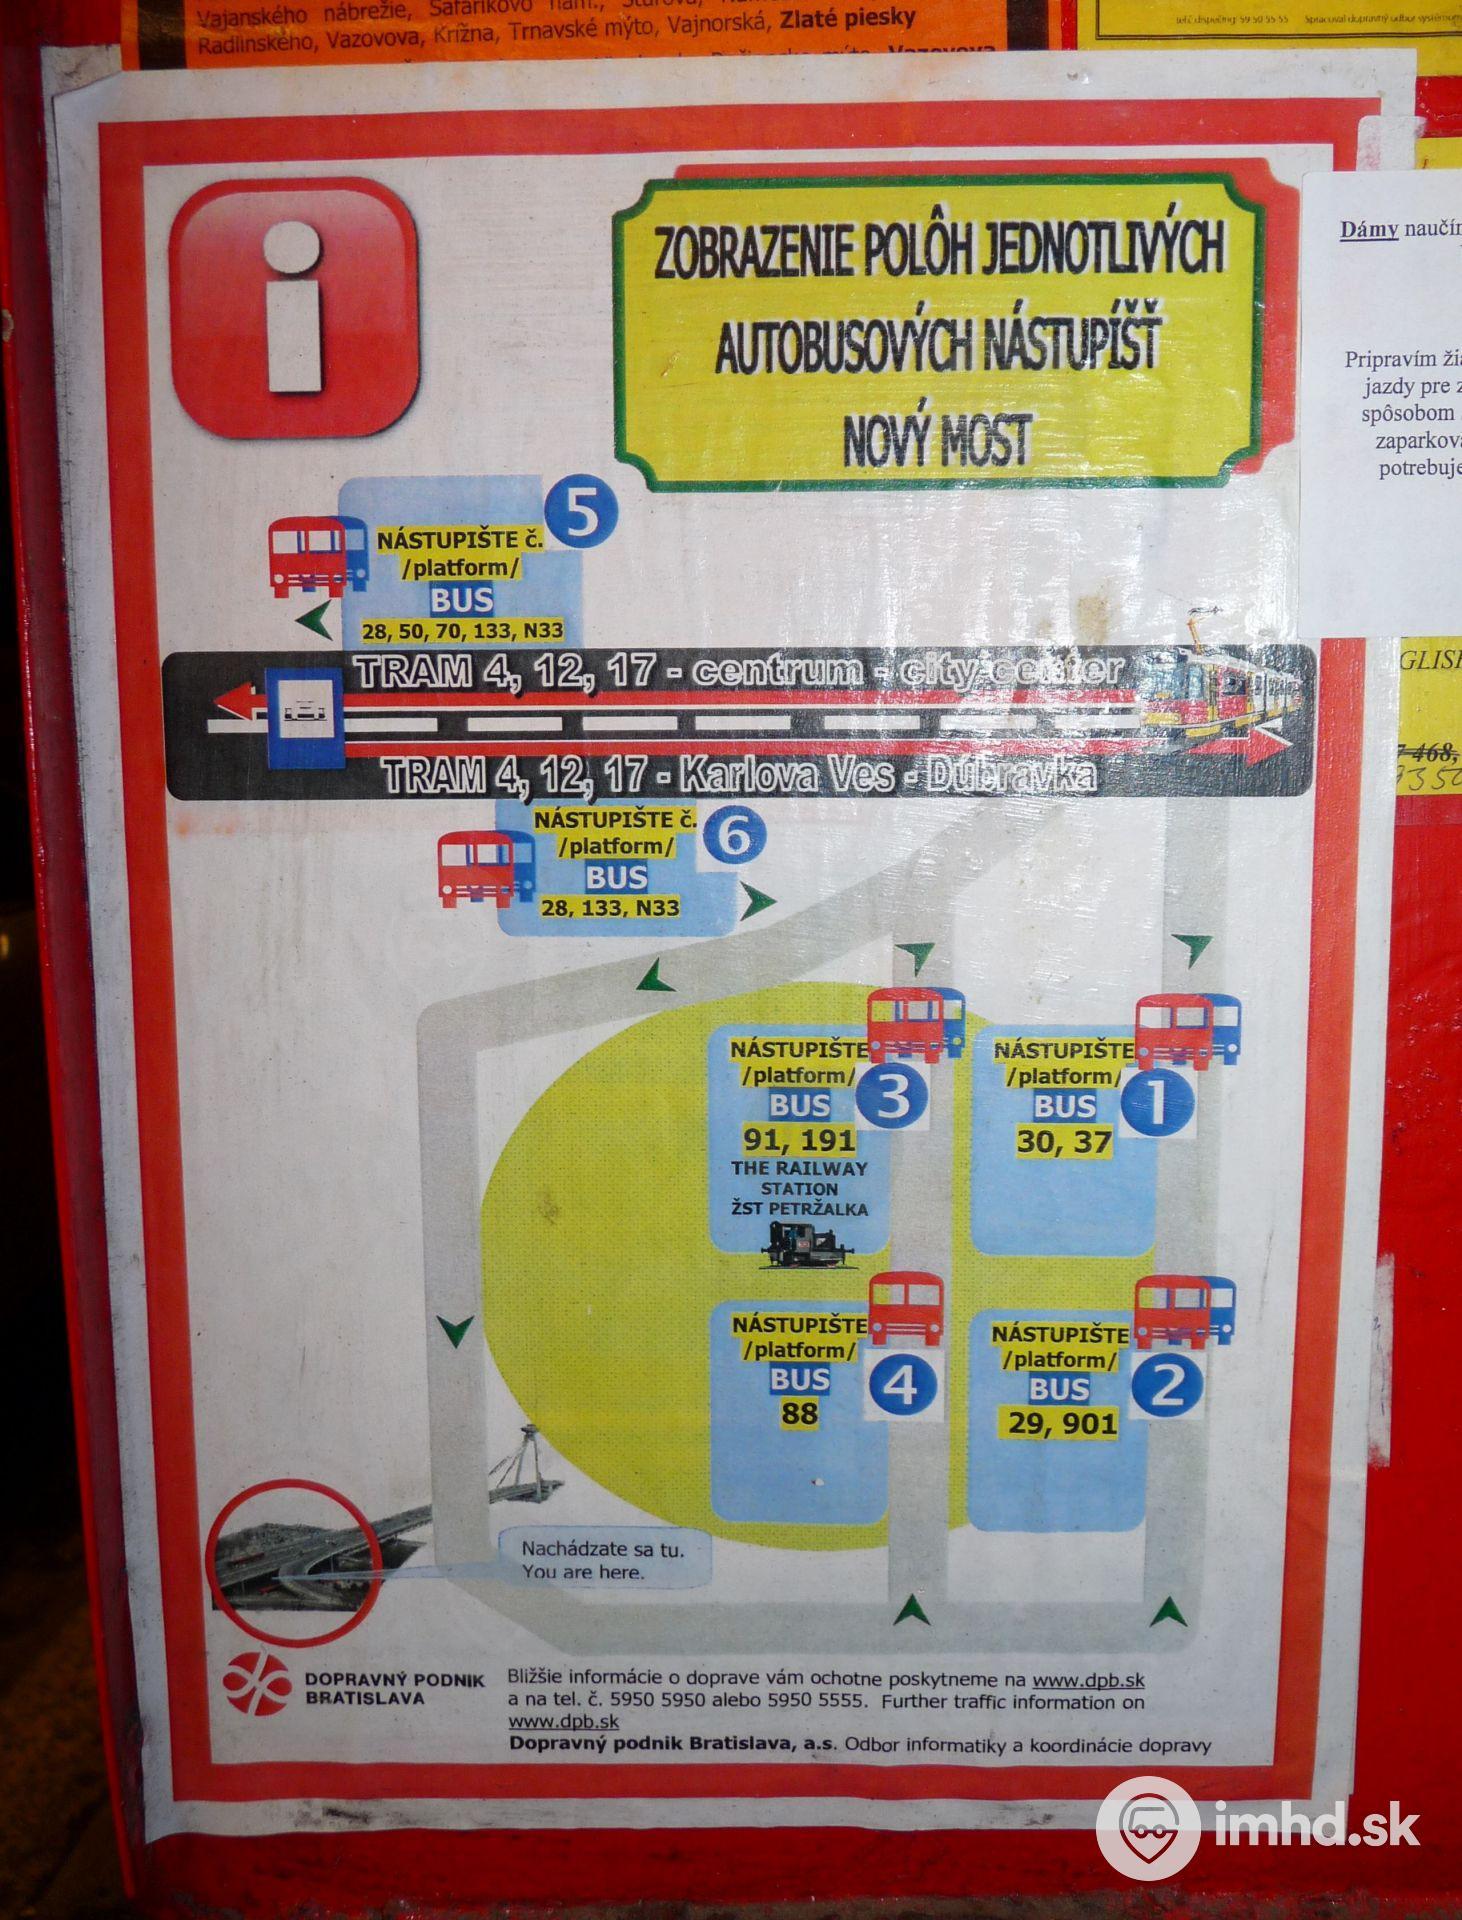 0c74c8e98b Zmeny názvov zastávok (od 2.7.2012) • imhd.sk Bratislava